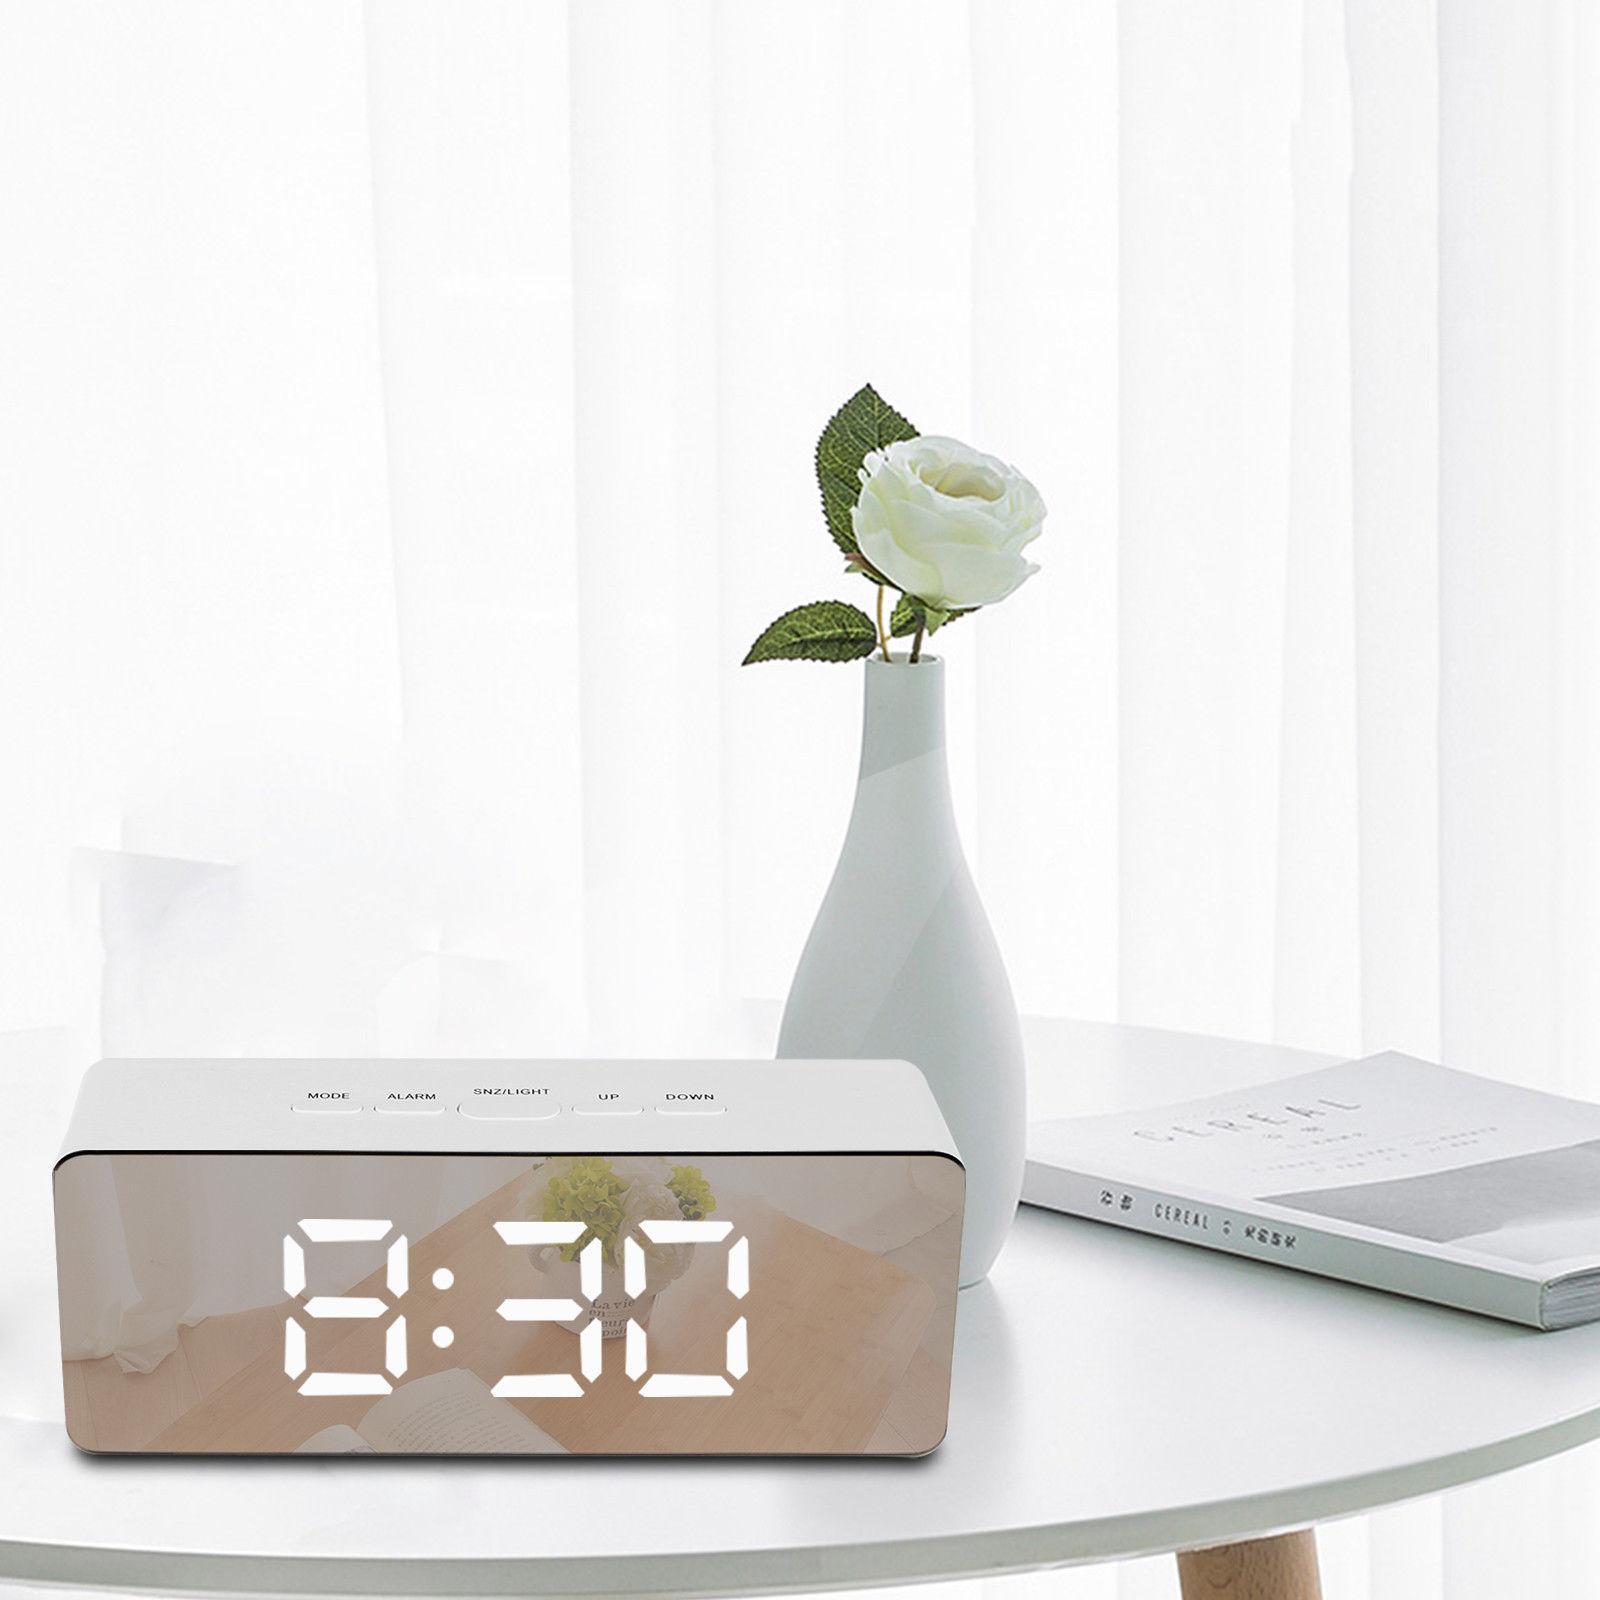 Đồng hồ báo thức đèn LED kỹ thuật số kiểu to có màn hình hiển thị  có thể dùng làm gương trang điểm bán chạy